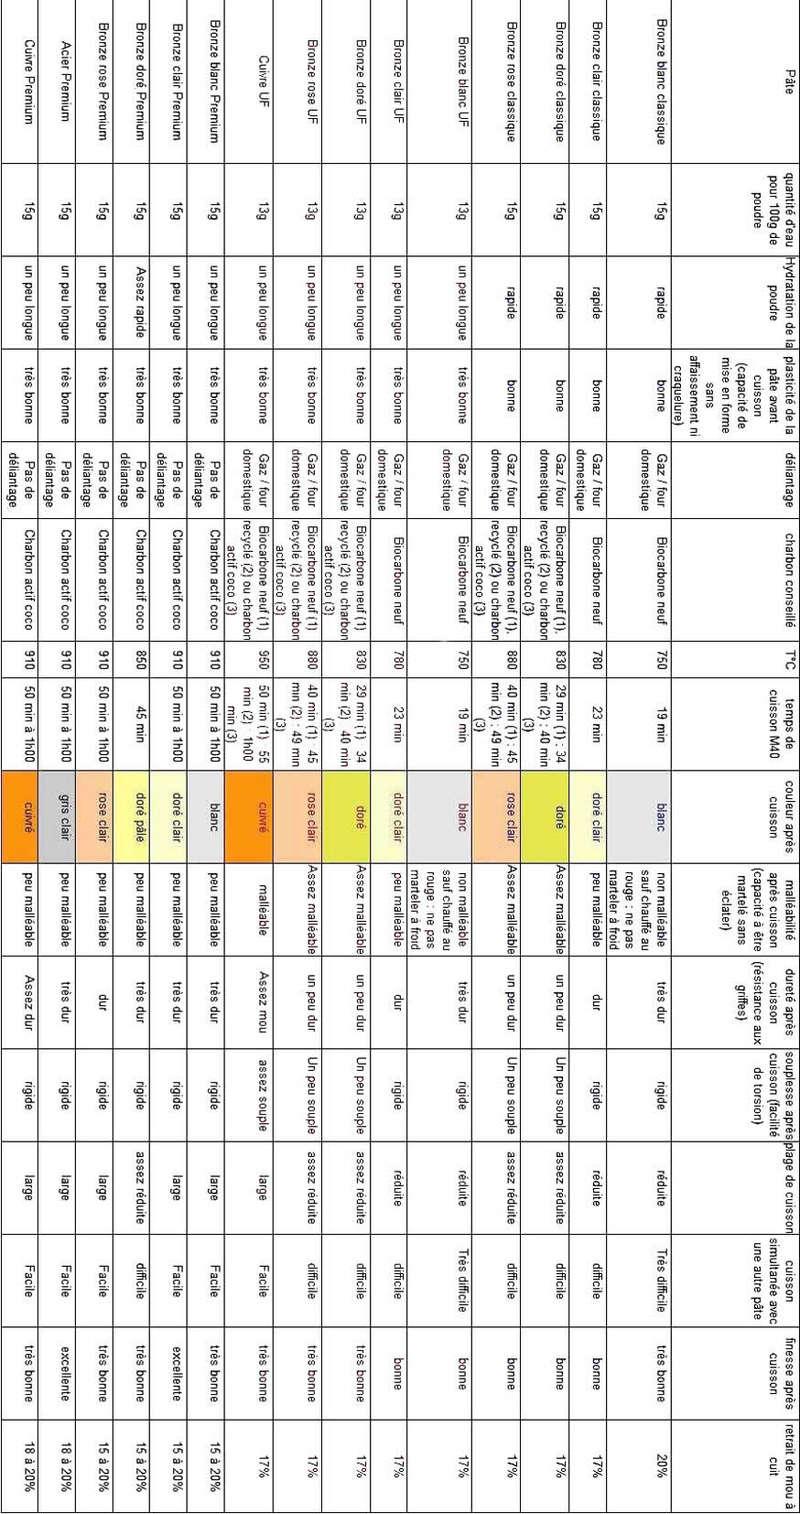 Tableau comparatif des pâtes Météor - Page 3 Tablea10